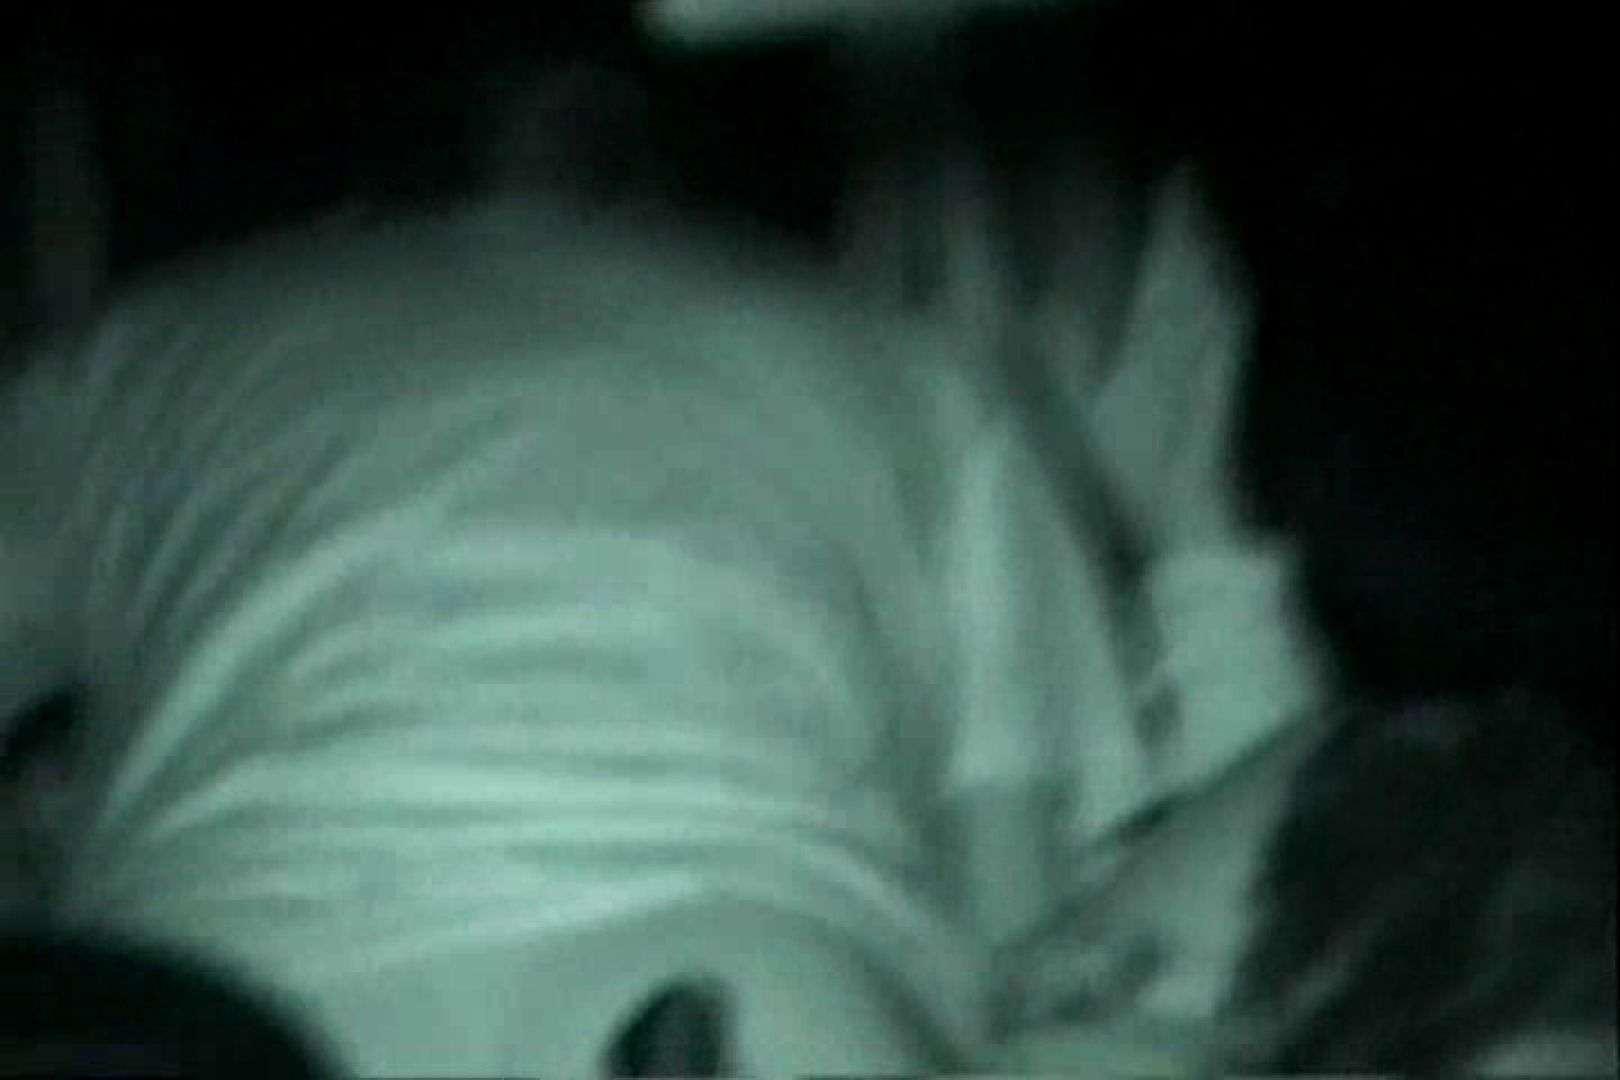 充血監督の深夜の運動会Vol.126 すけべなカップル おまんこ動画流出 107画像 105